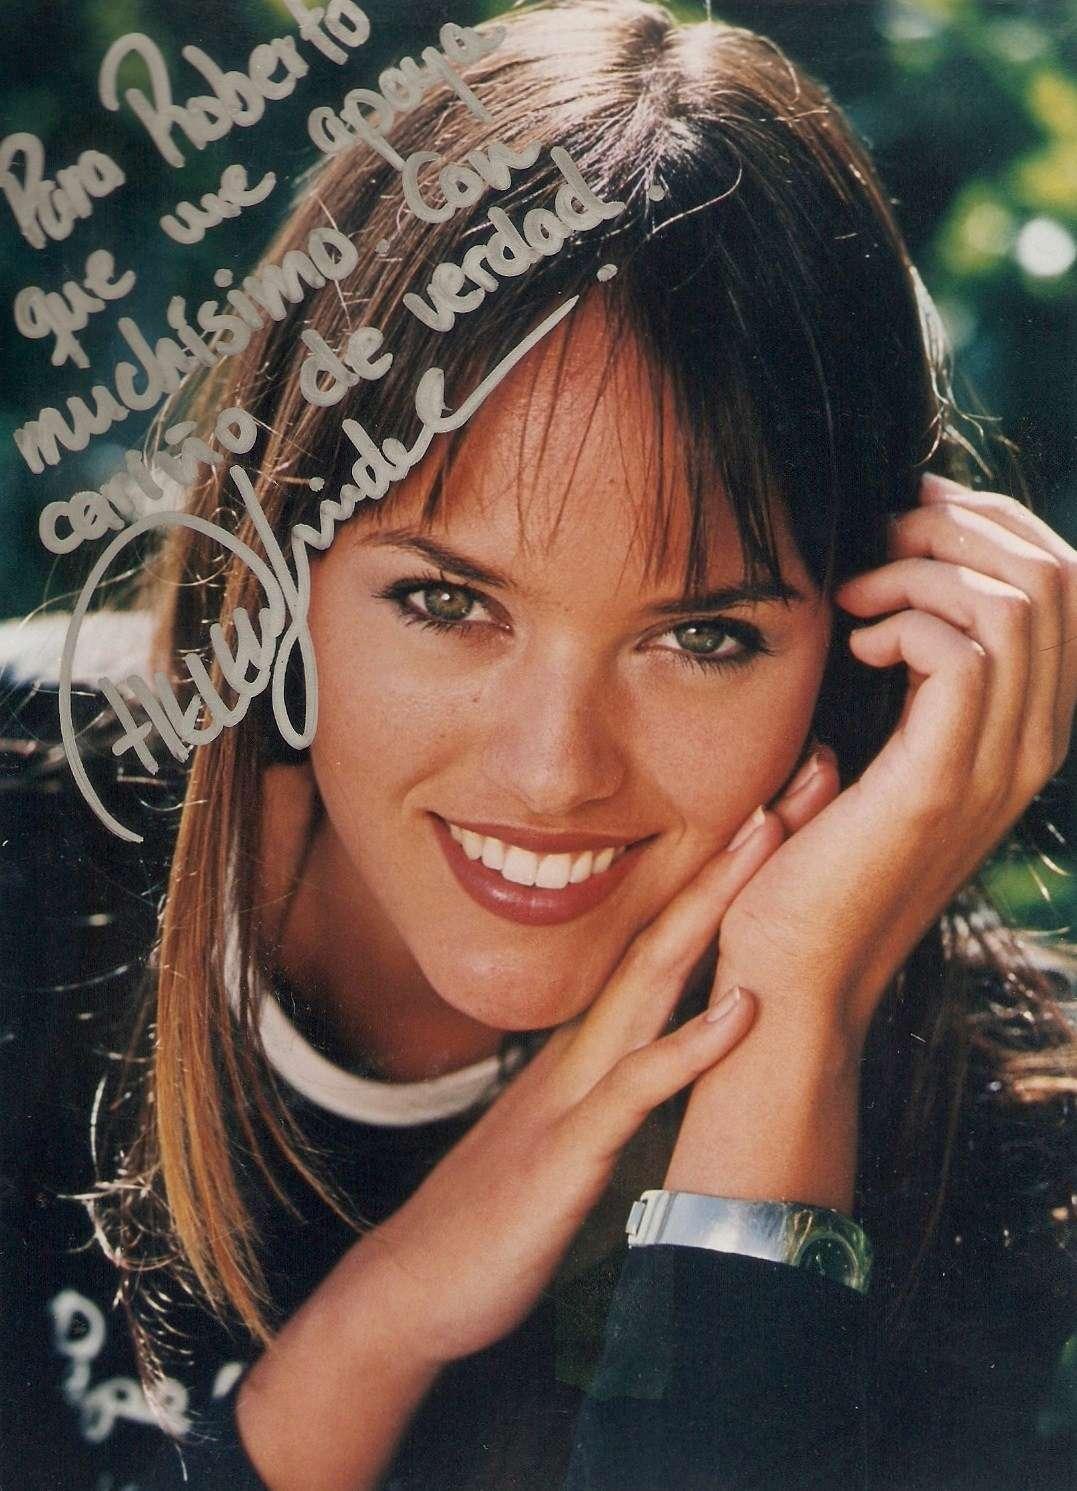 helen lindes griffiths, 2nd runner-up de miss universe 2000. Helen-14